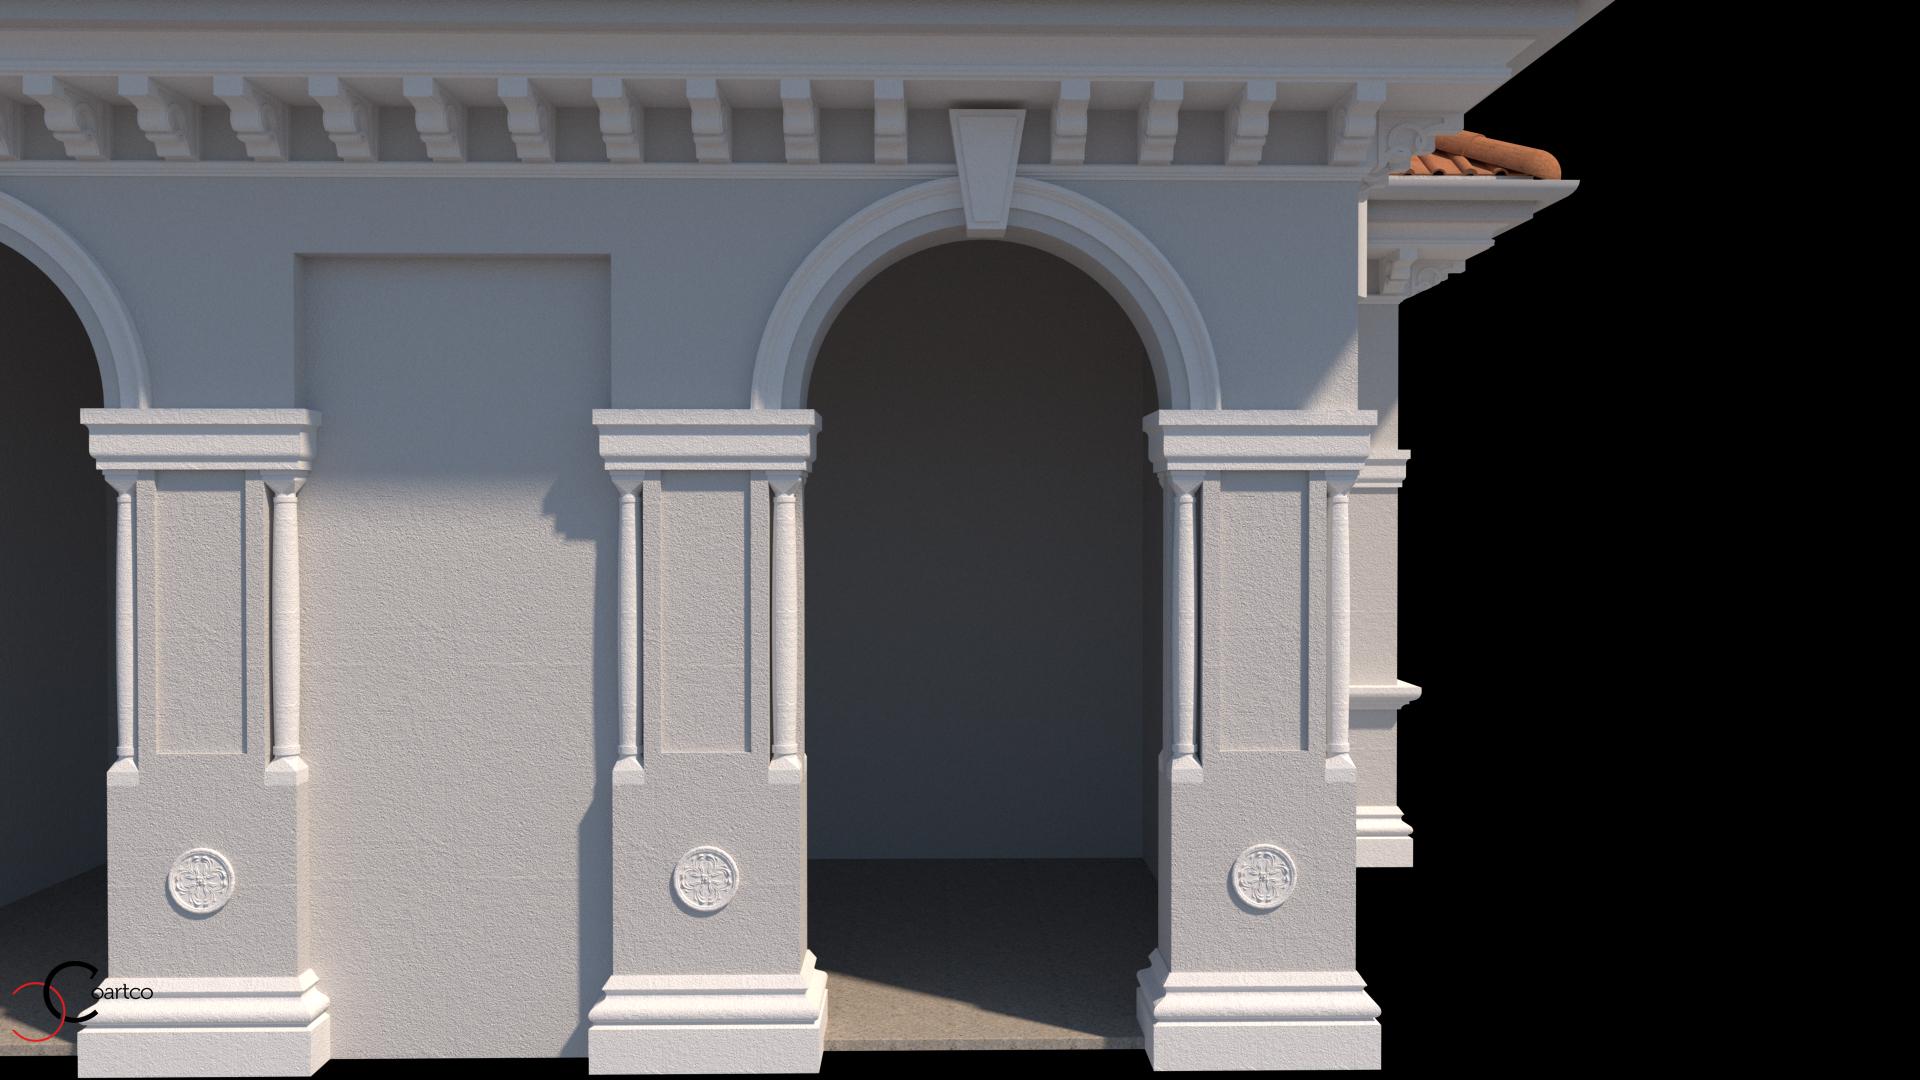 bungalau-proiect-fatada-casa-cu-arcada